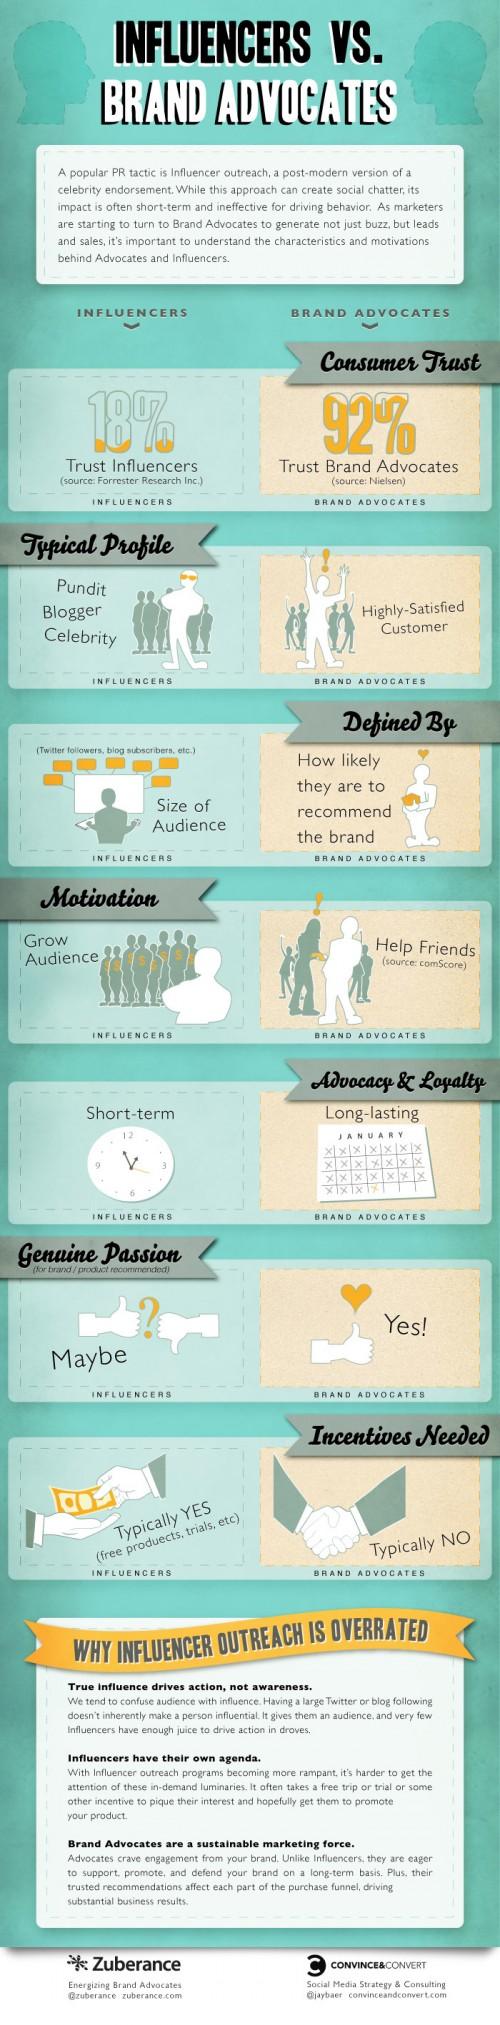 Influencers-versus-Advocates